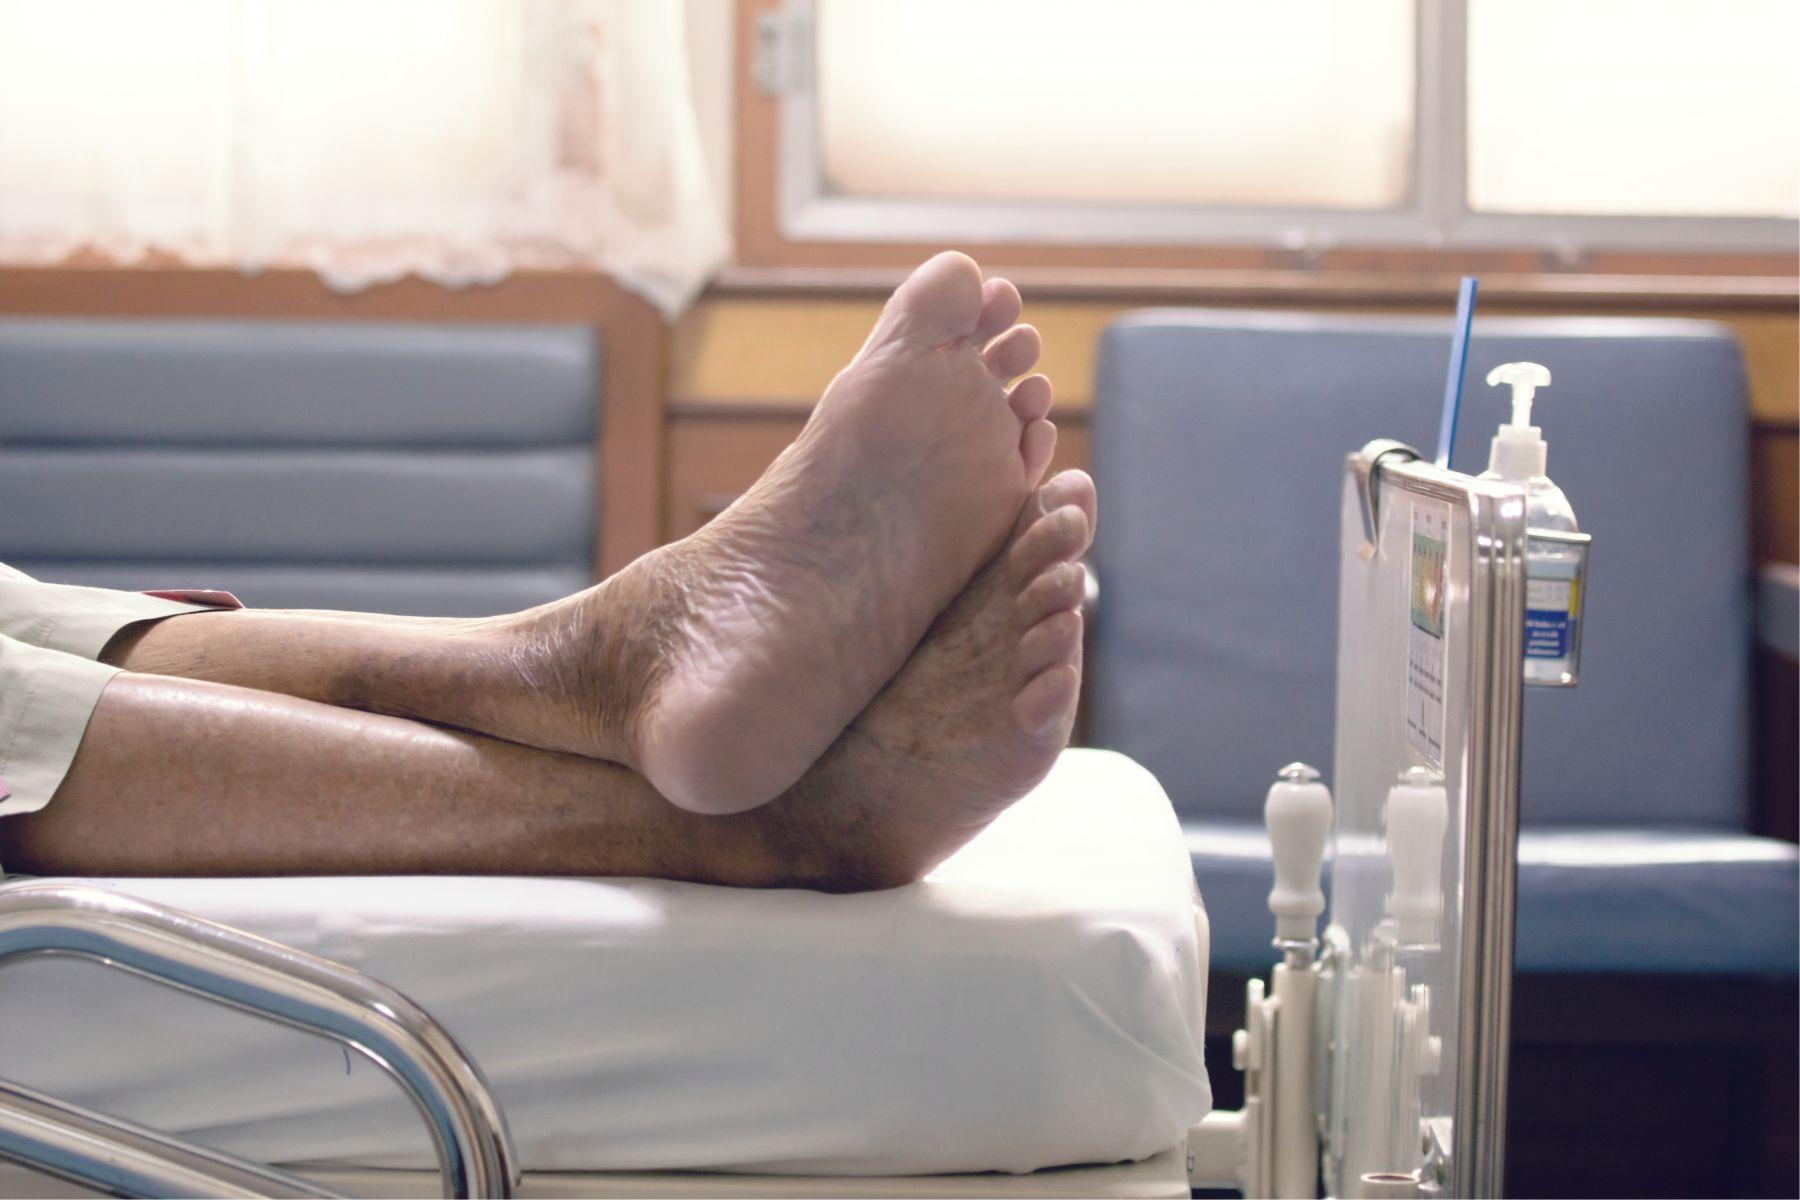 他腳痛...竟是「腎癌」轉移!醫勸:出現腰痛、血尿一定要小心